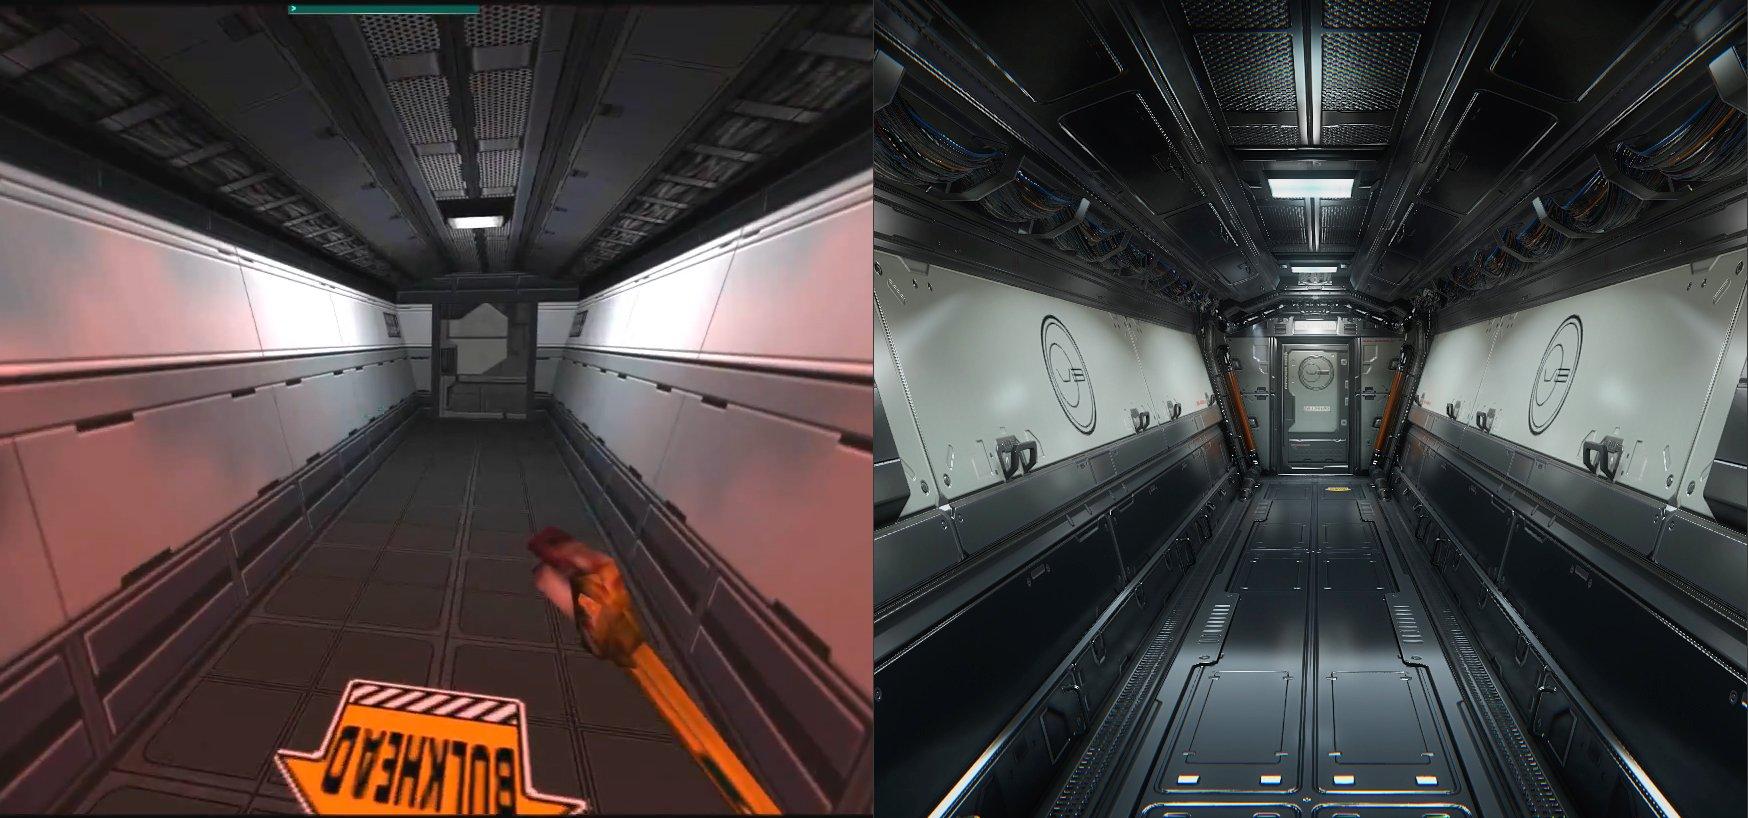 Художник воссоздает одну из лучших сцен System Shock 2 на CryEngine - Изображение 3